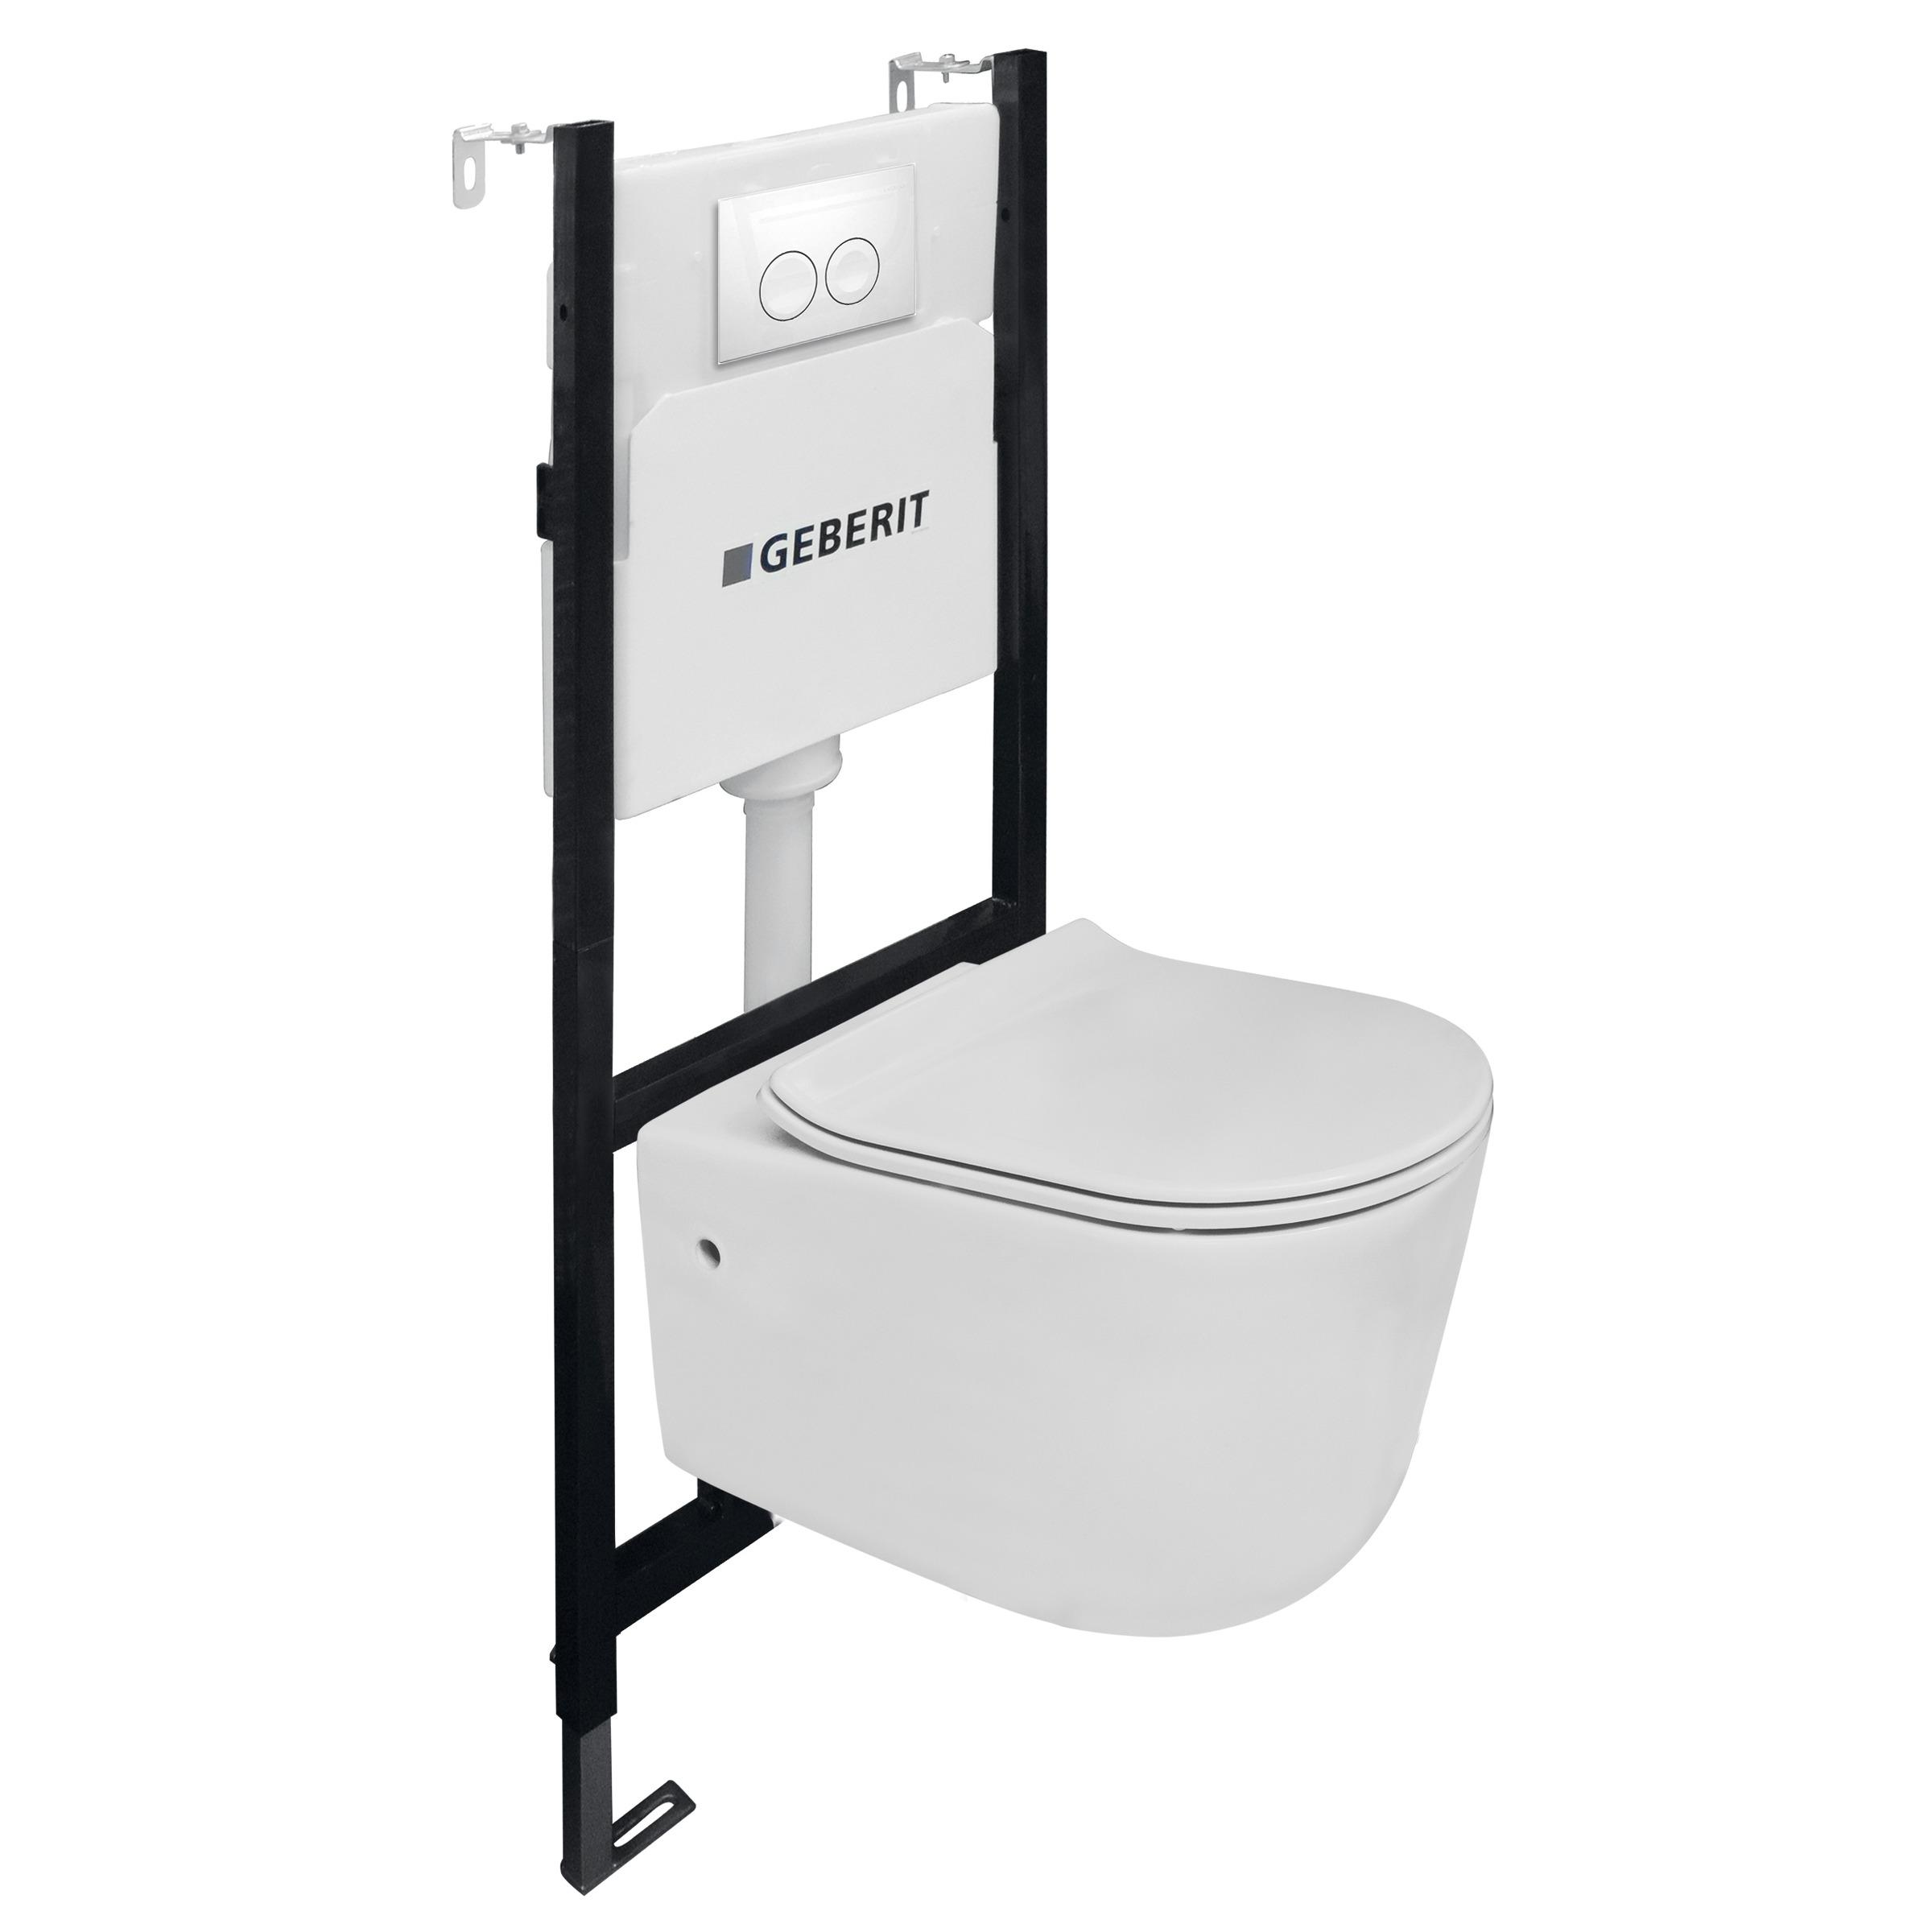 Toiletset Van Marcke Combo Up Pureflow Rimless Hang Wit